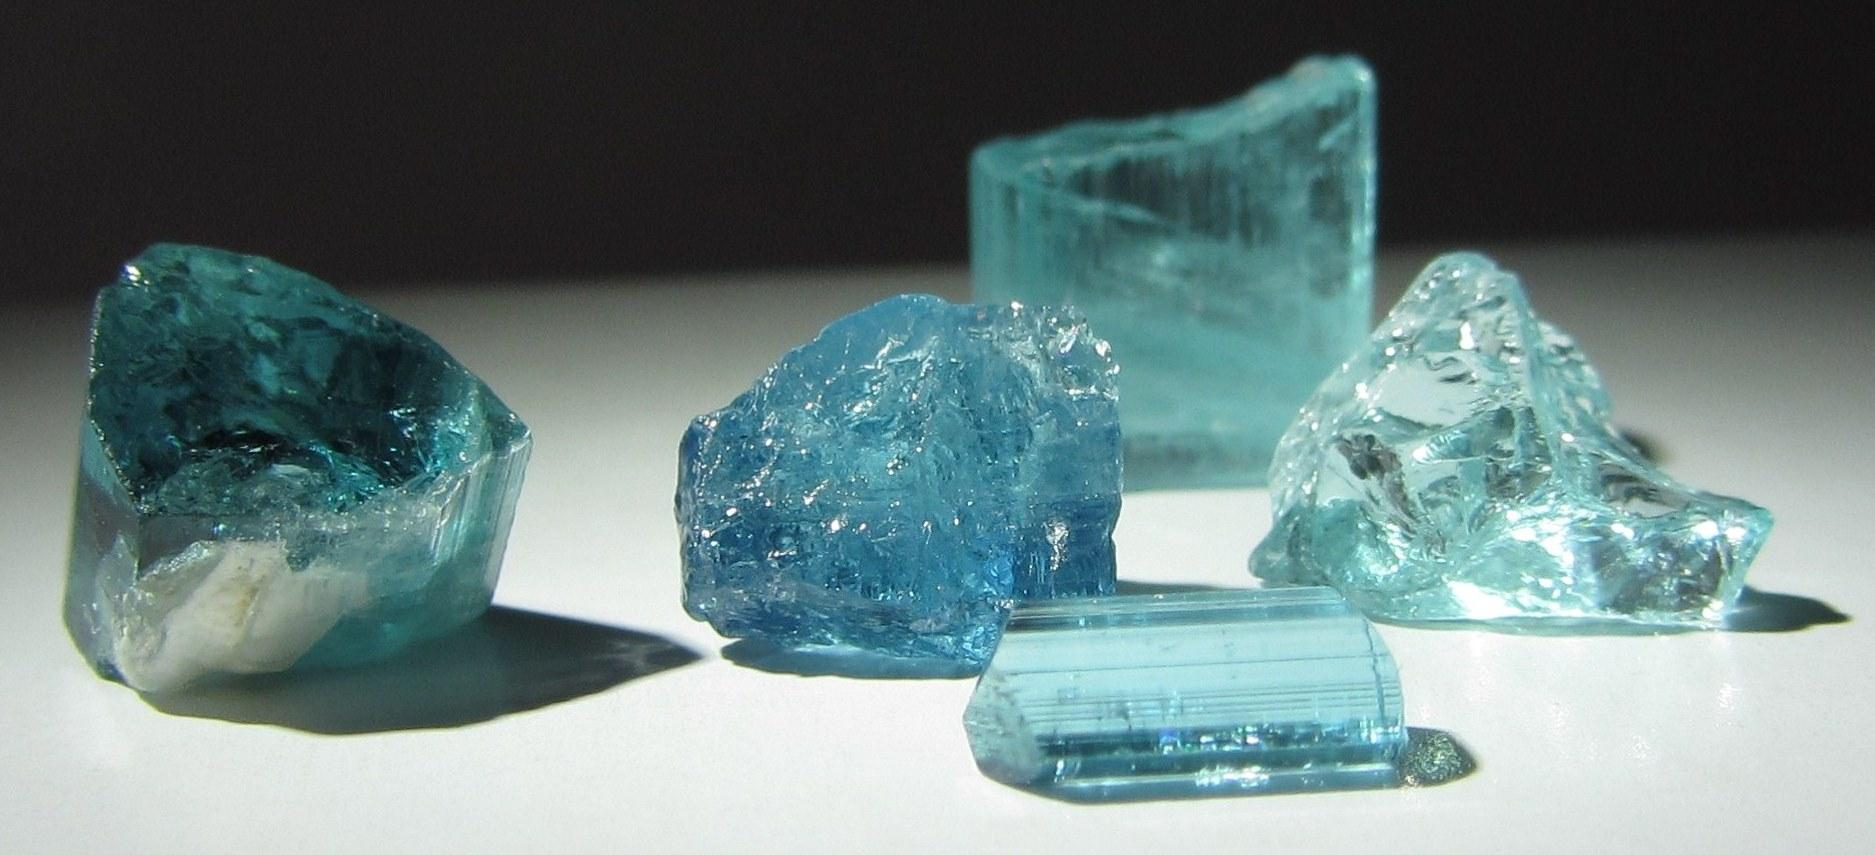 Турмалин параиба — все о камне, фото, свойства, месторождения ...